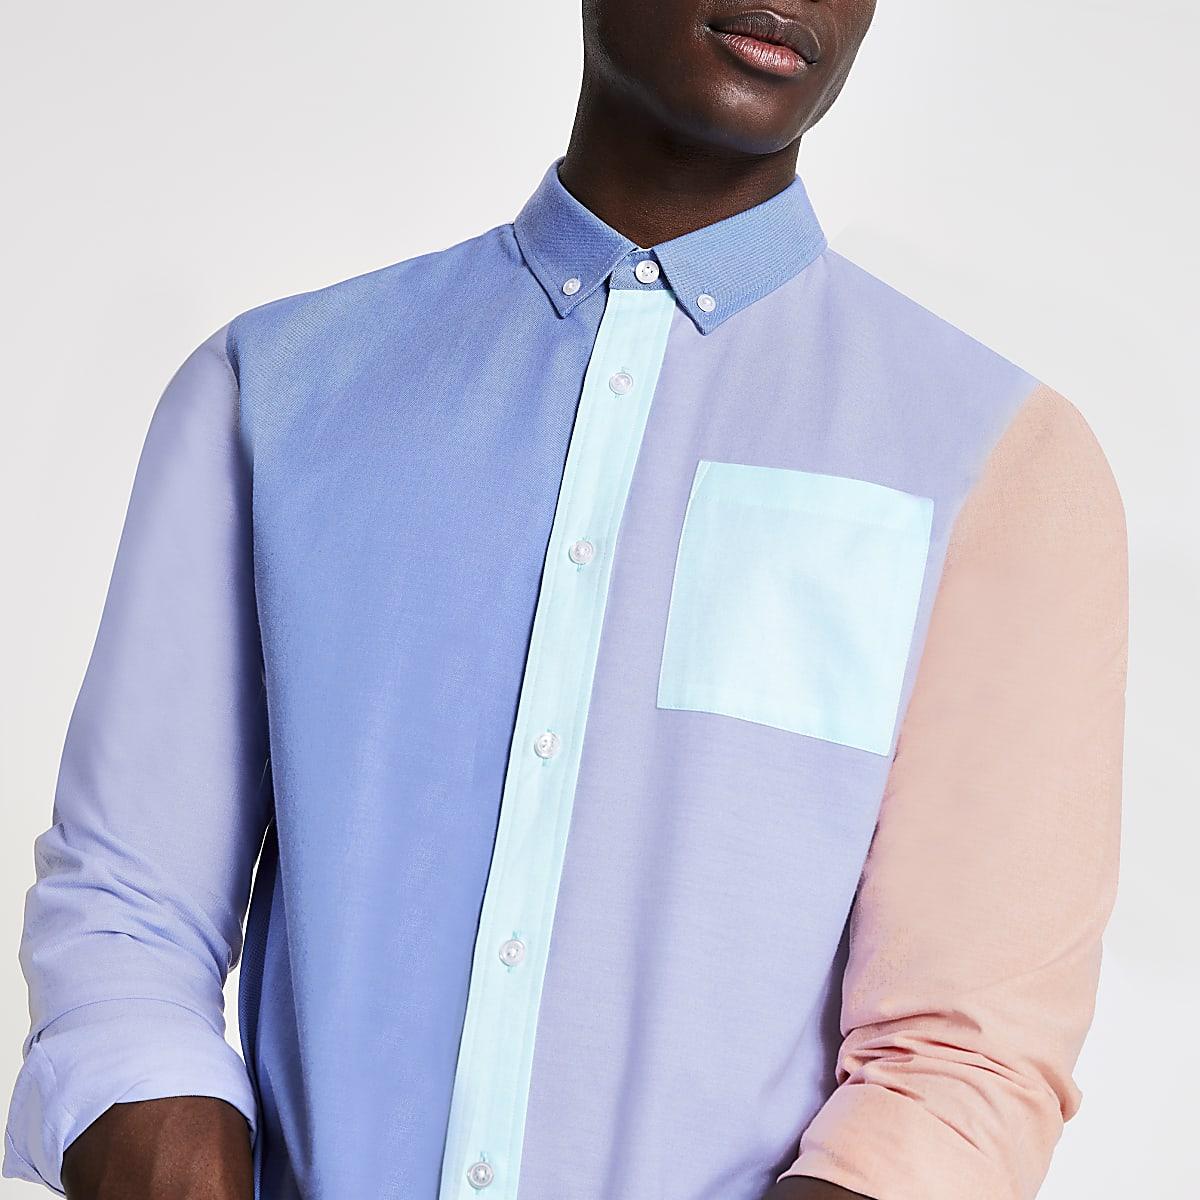 Lichtblauw overhemd met pastelkleurige kleurvlakken en lange mouwen